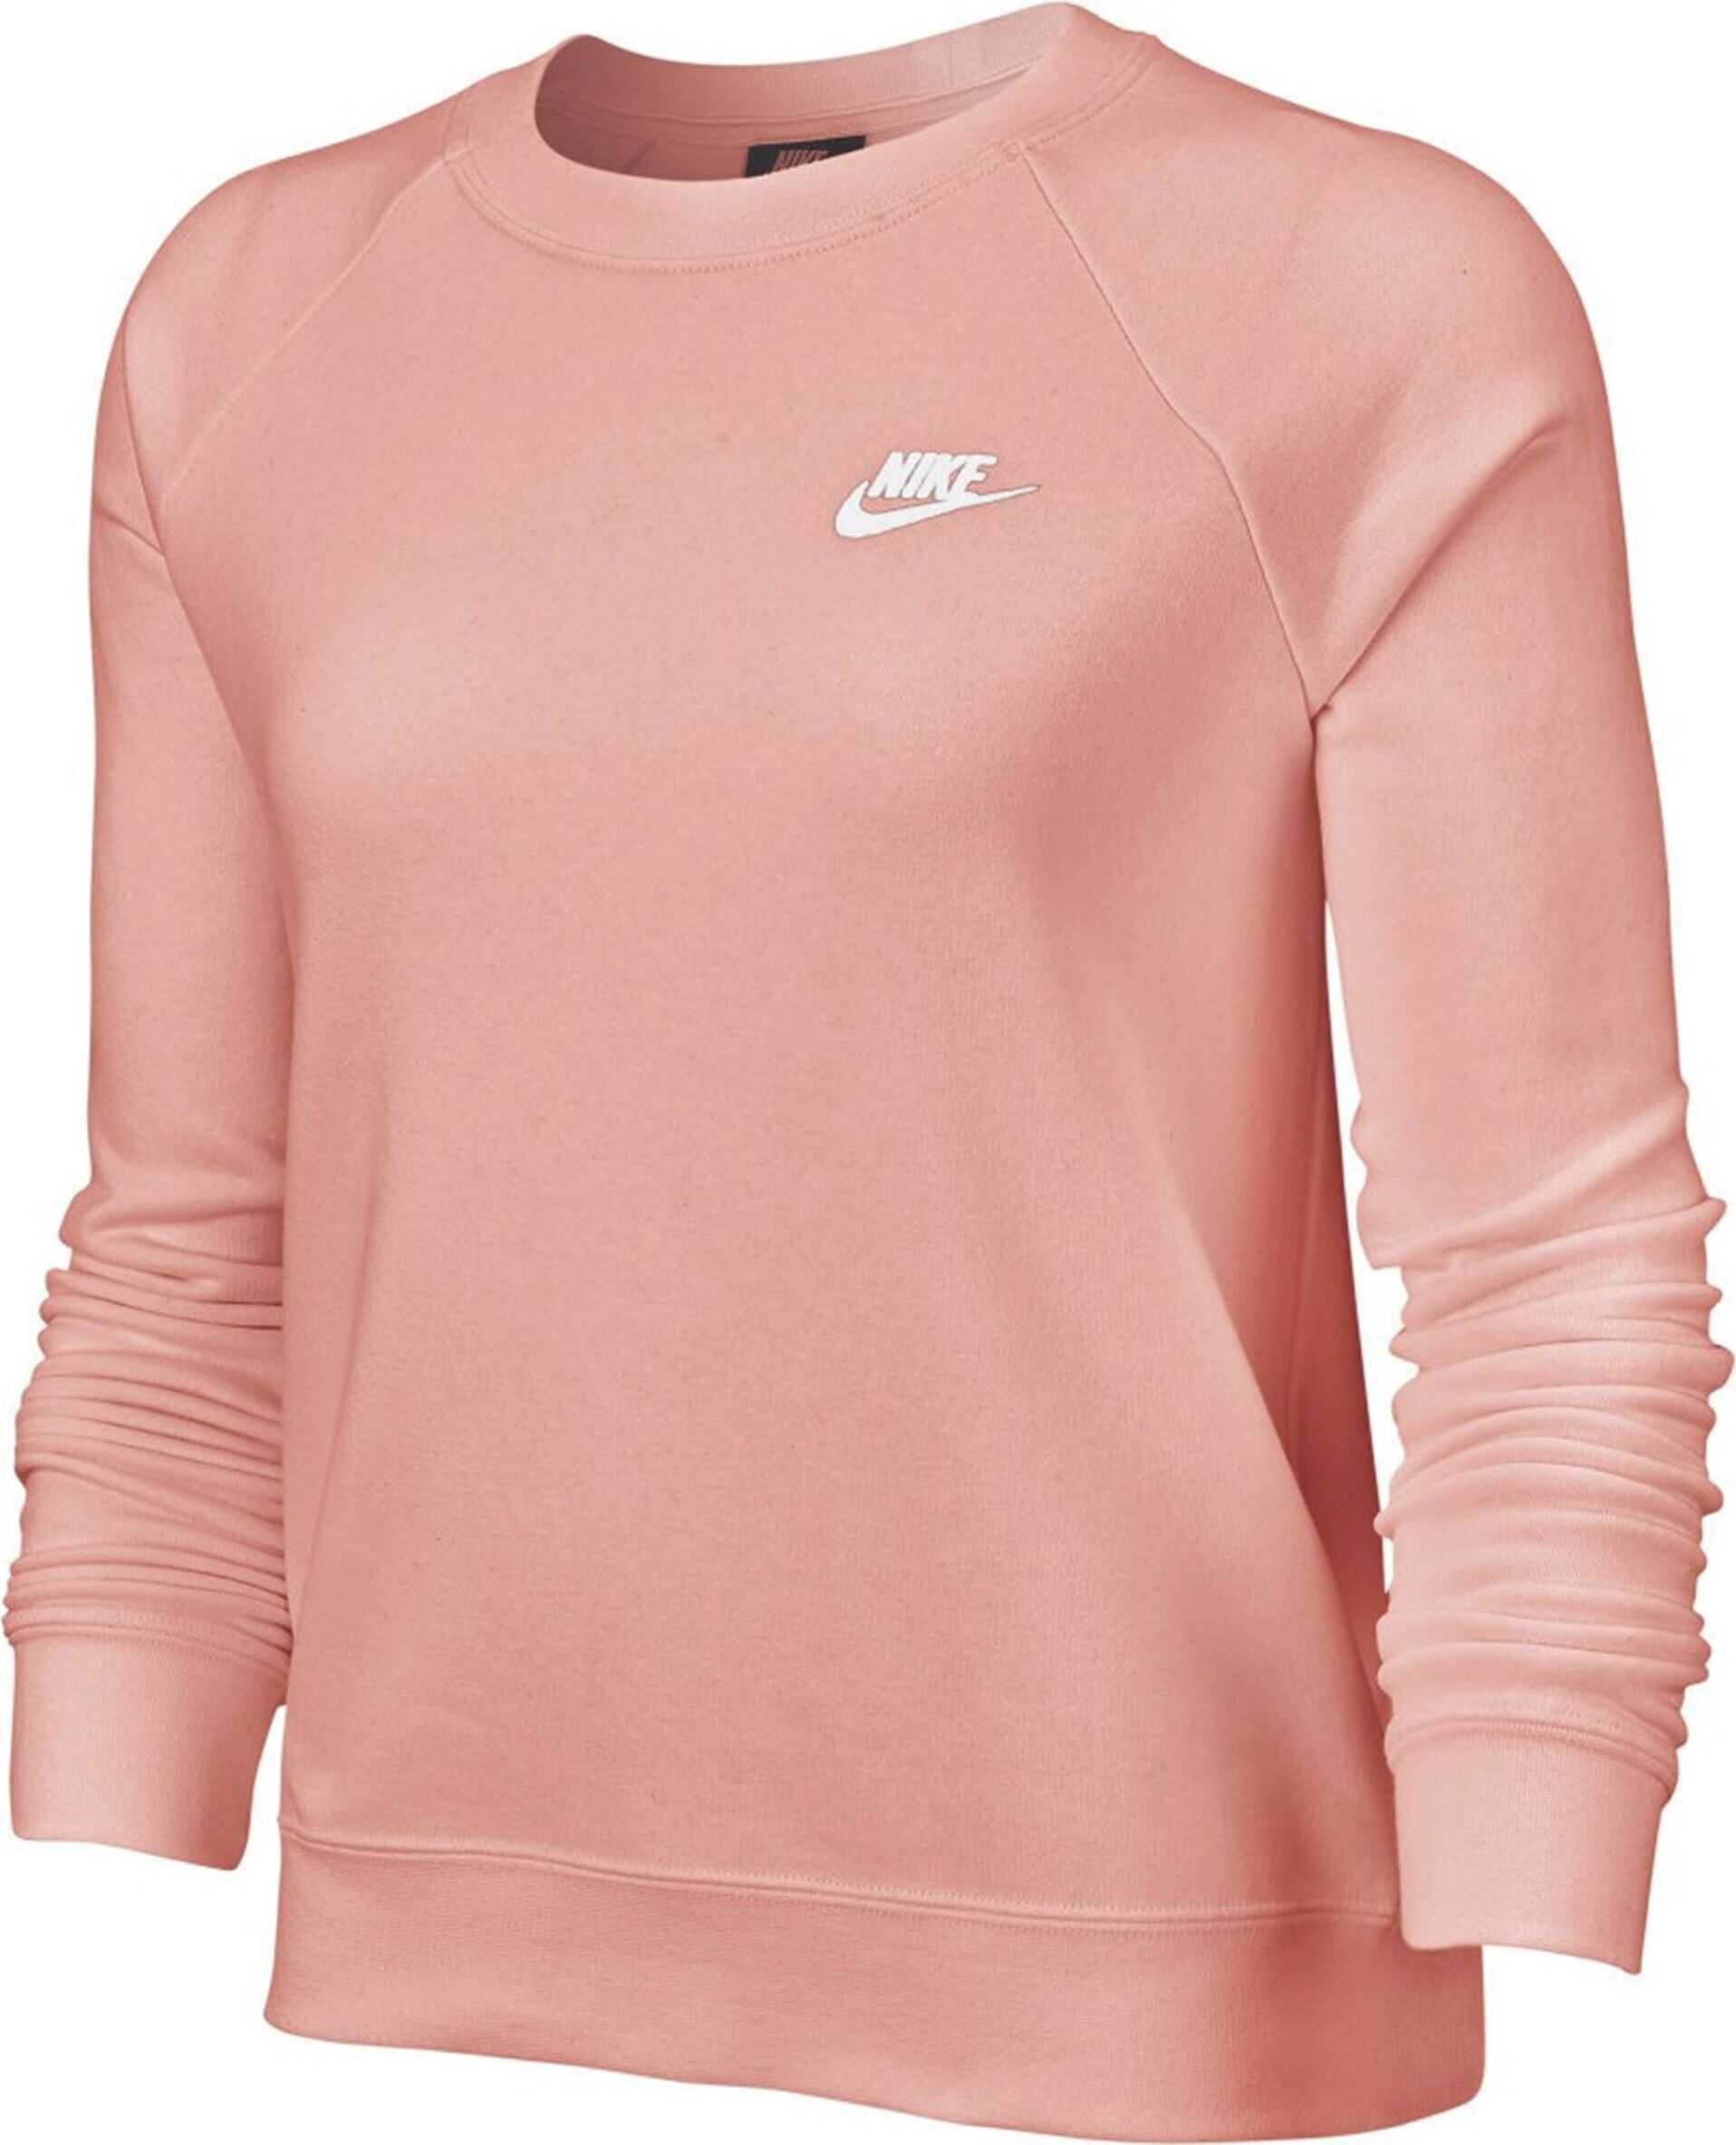 Nike Essential Crew N/A